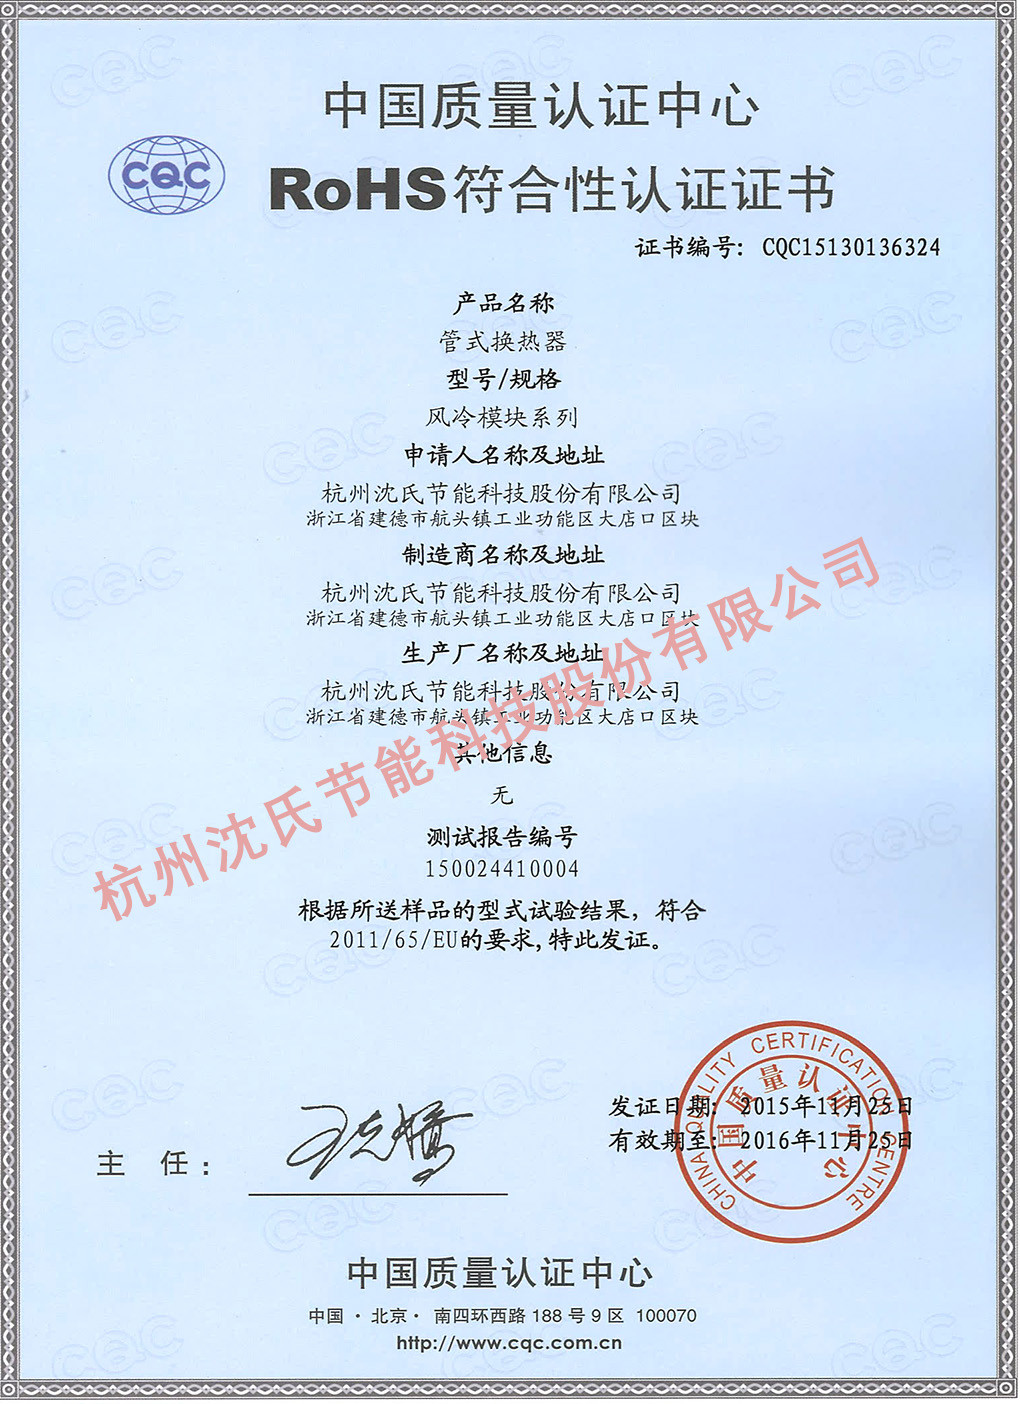 杭州 沈 氏 RoSH 认证 证书